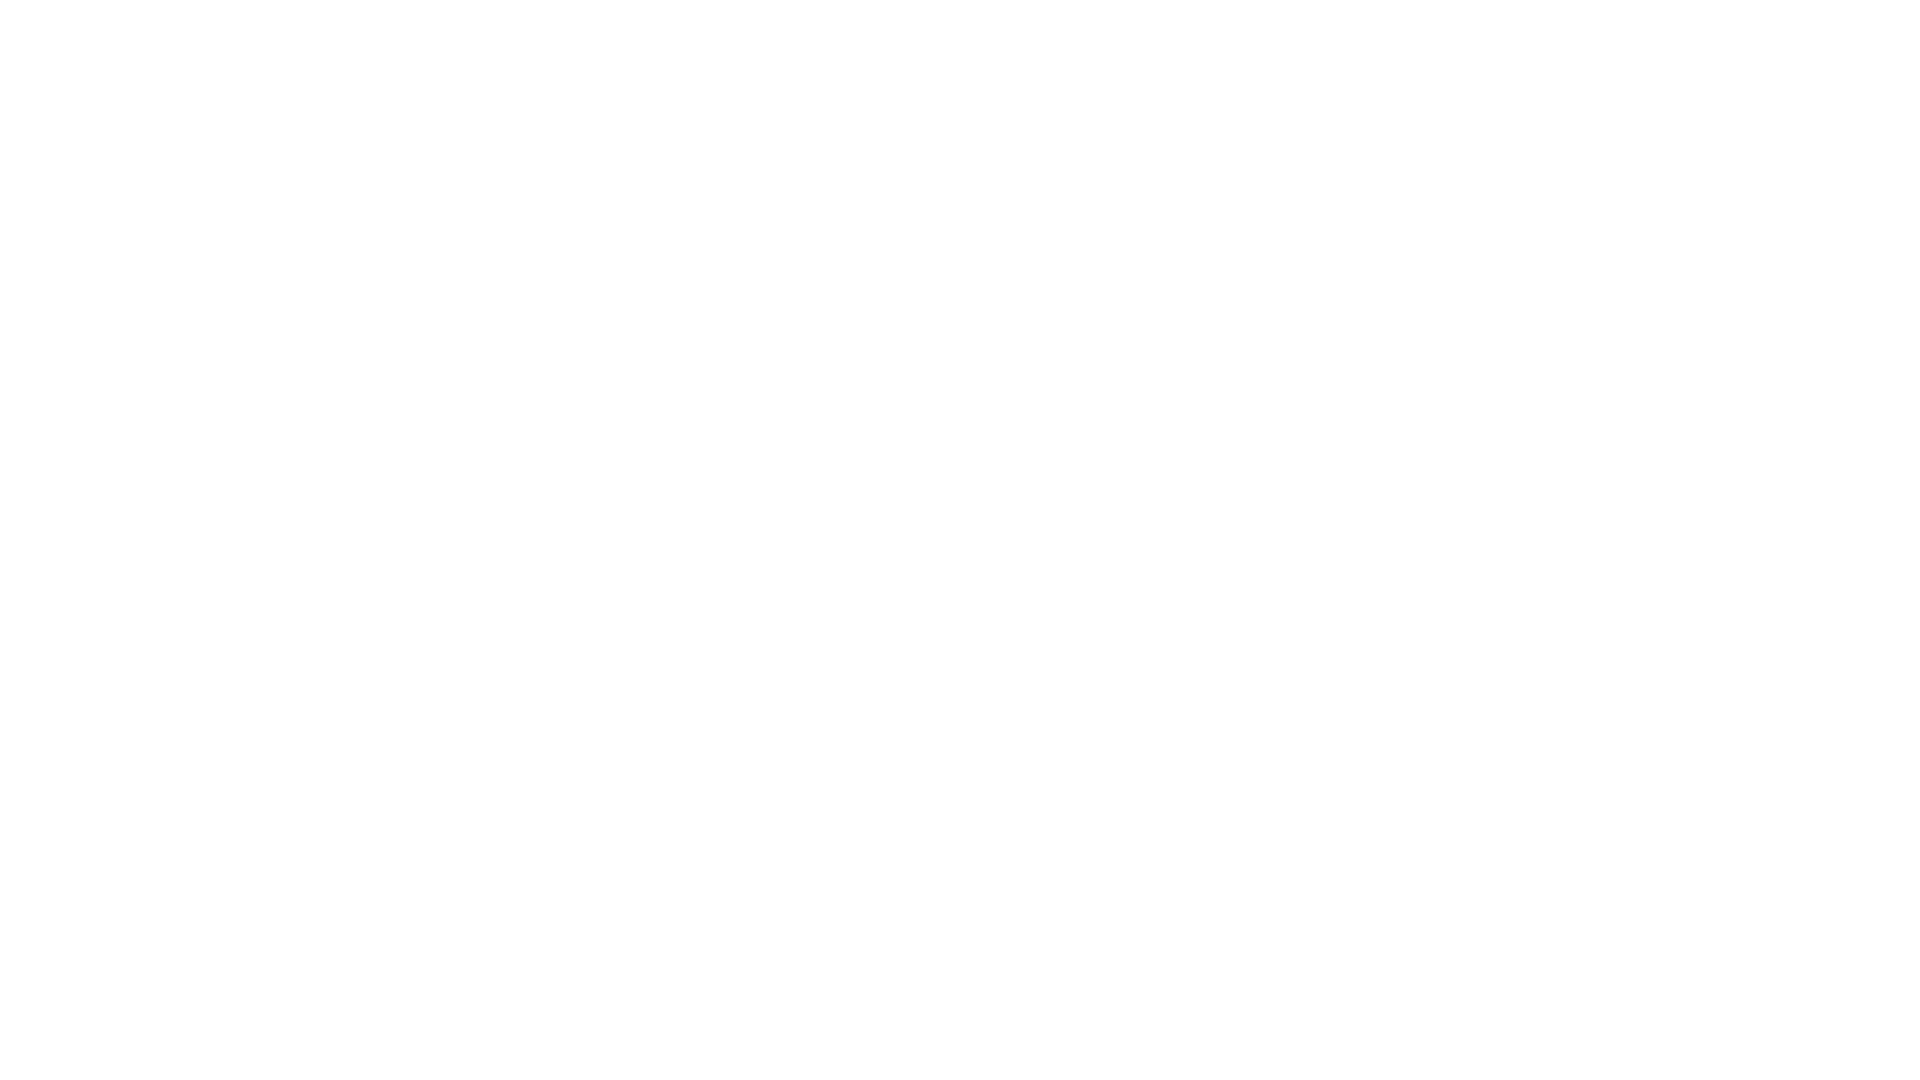 ※100個限定販売 至高下半身盗撮 プレミアム Vol.23 ハイビジョン 盛合せ エロ画像 110枚 100